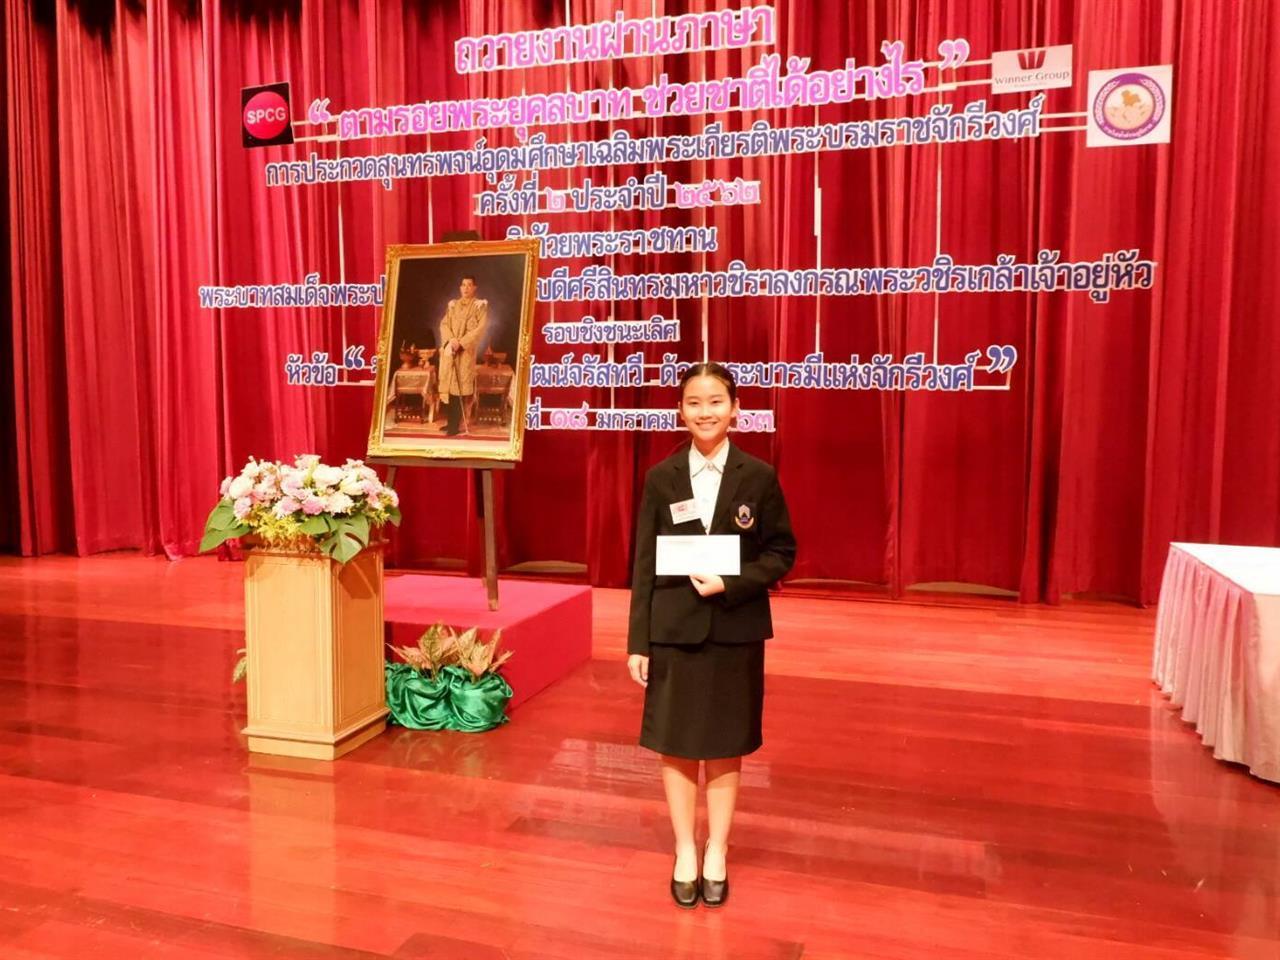 นิสิตมหาวิทยาลัยพะเยาได้รับรางวัลชมเชย การประกวดสุนทรพจน์ ชิงถ้วยพระราชทาน พระบาทสมเด็จพระวชิรเกล้าเจ้าอยู่หัว